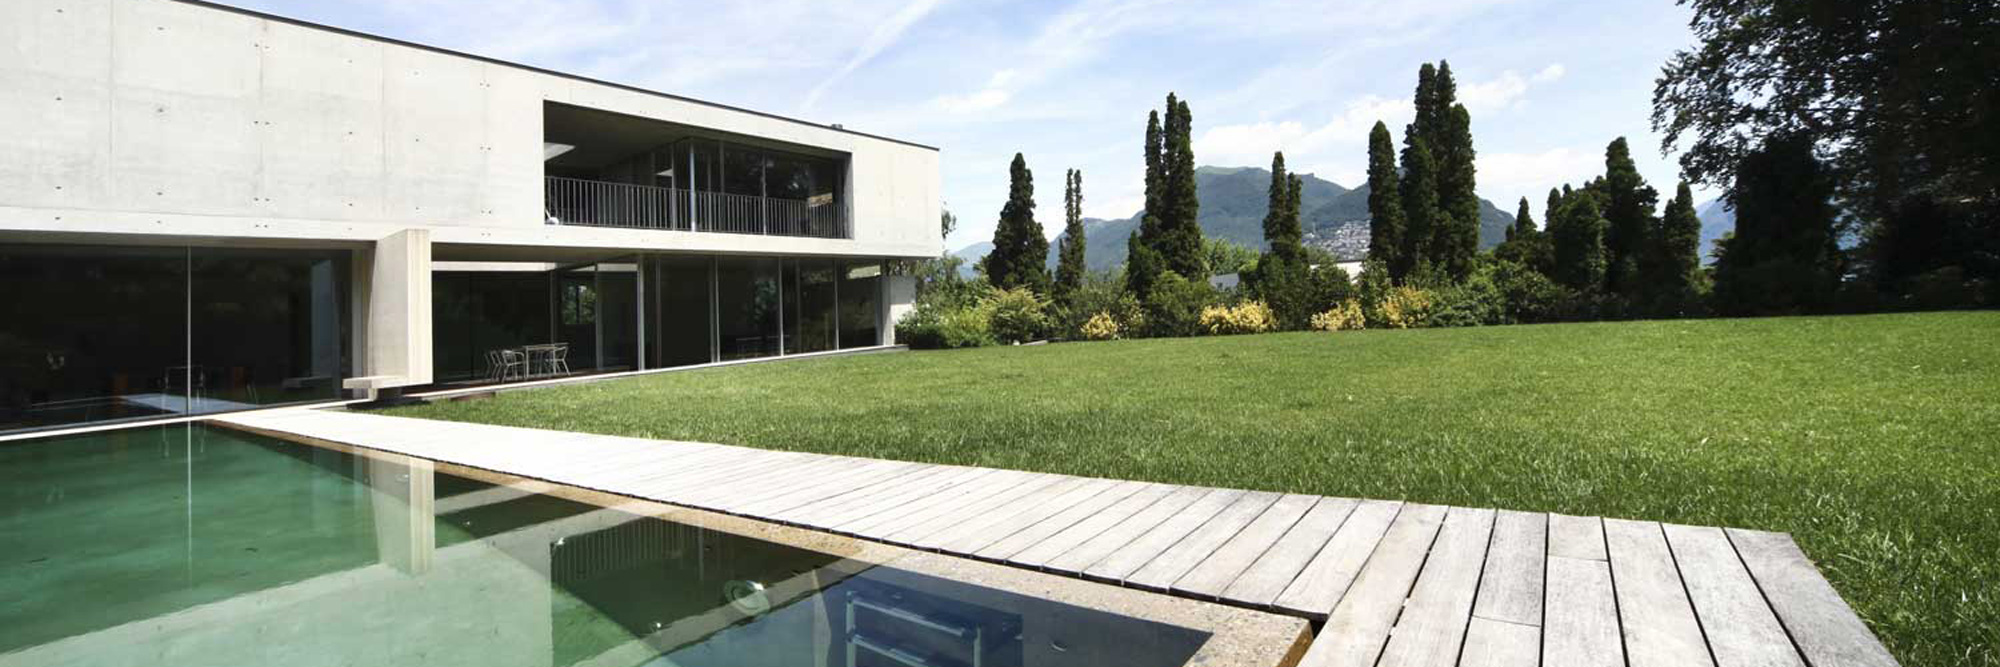 Architettura Del Verde architettura del verde - gozzano - novara - dido